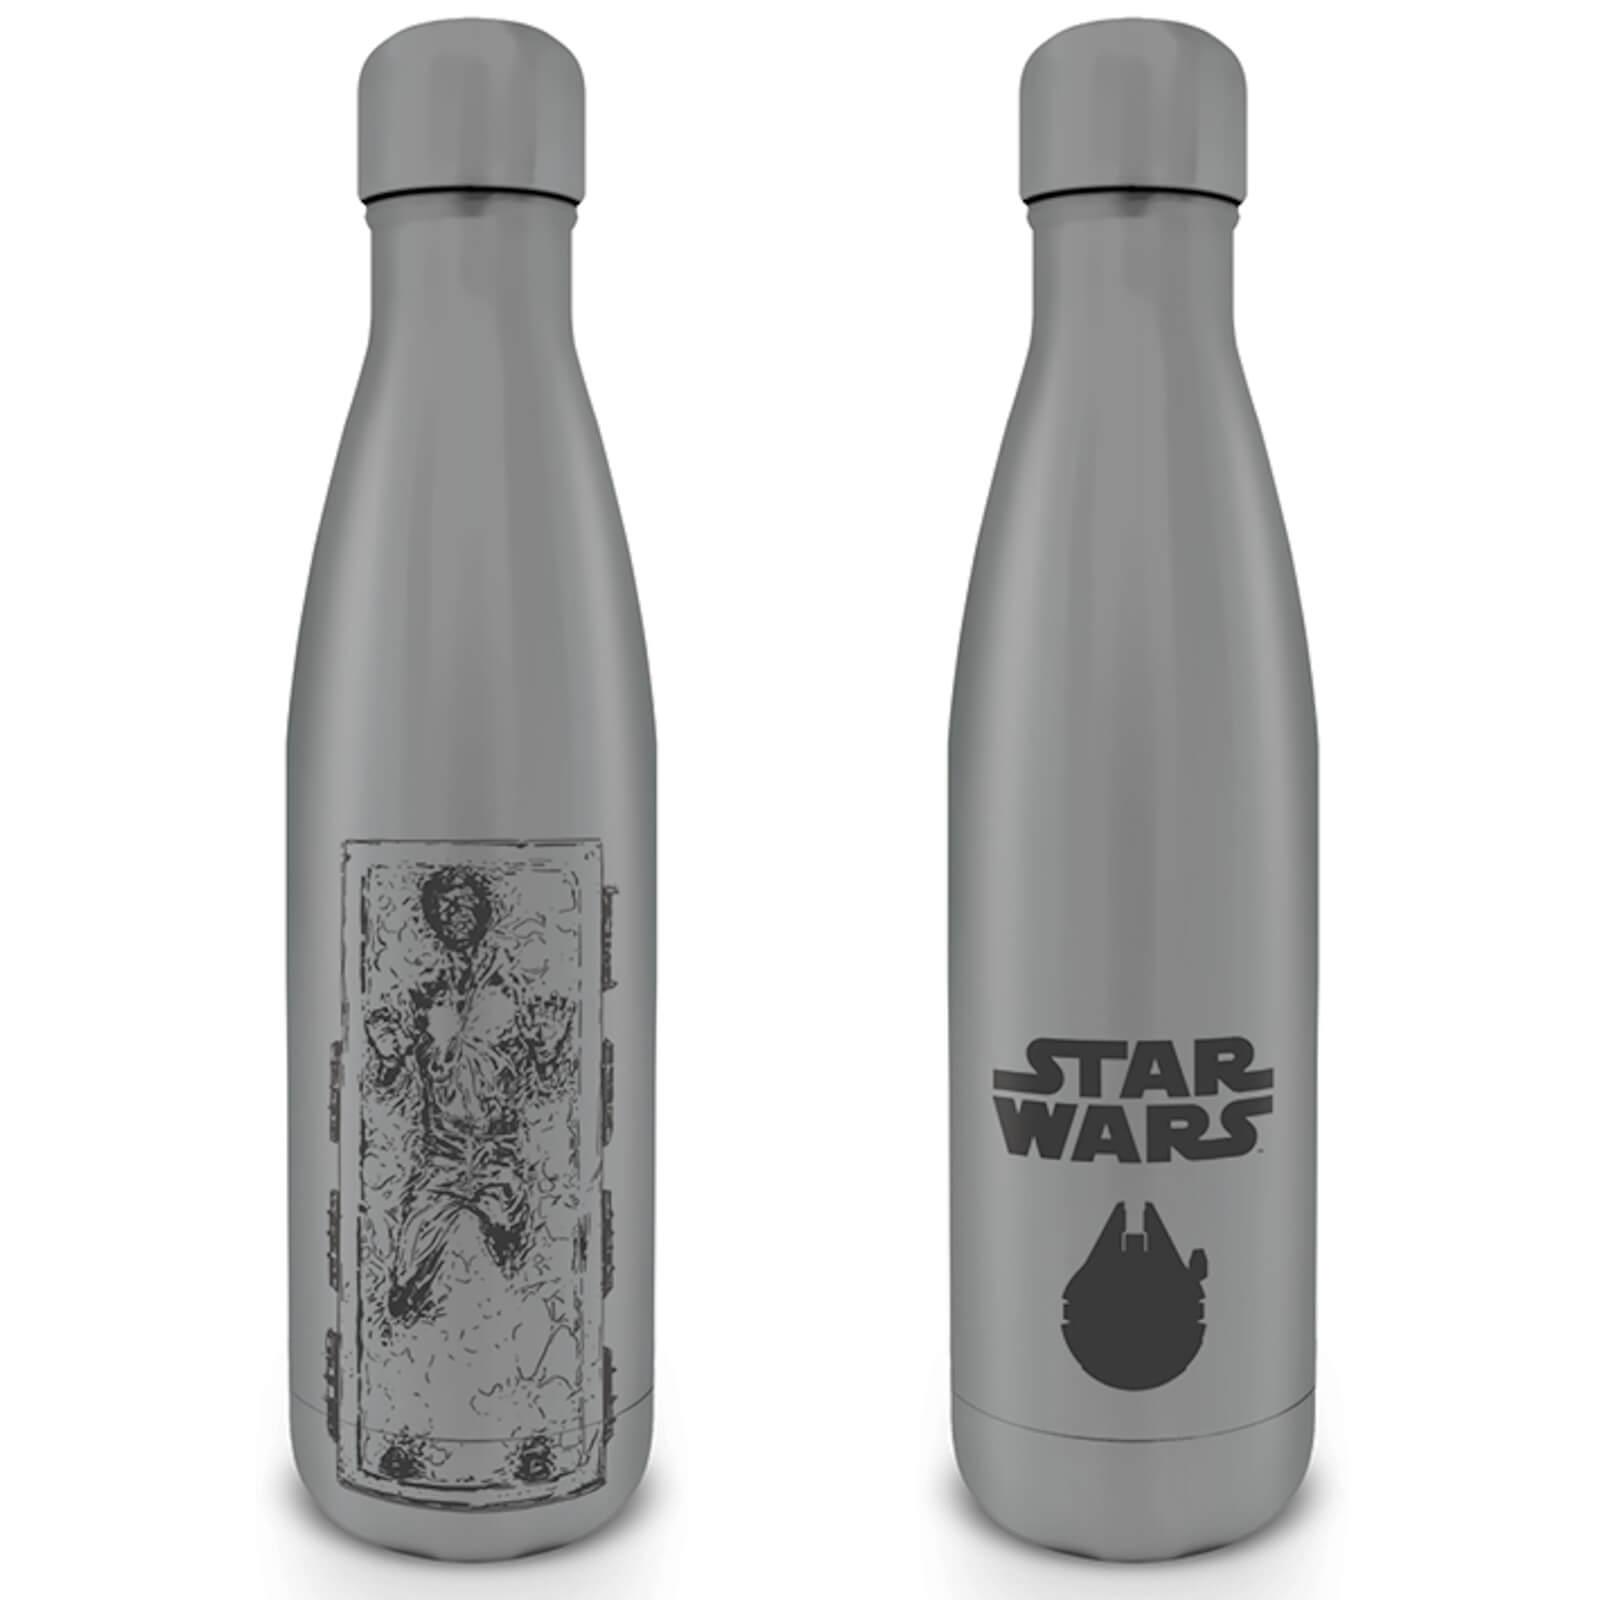 Image of Star Wars (Han Carbonite) Metal Drinks Bottle